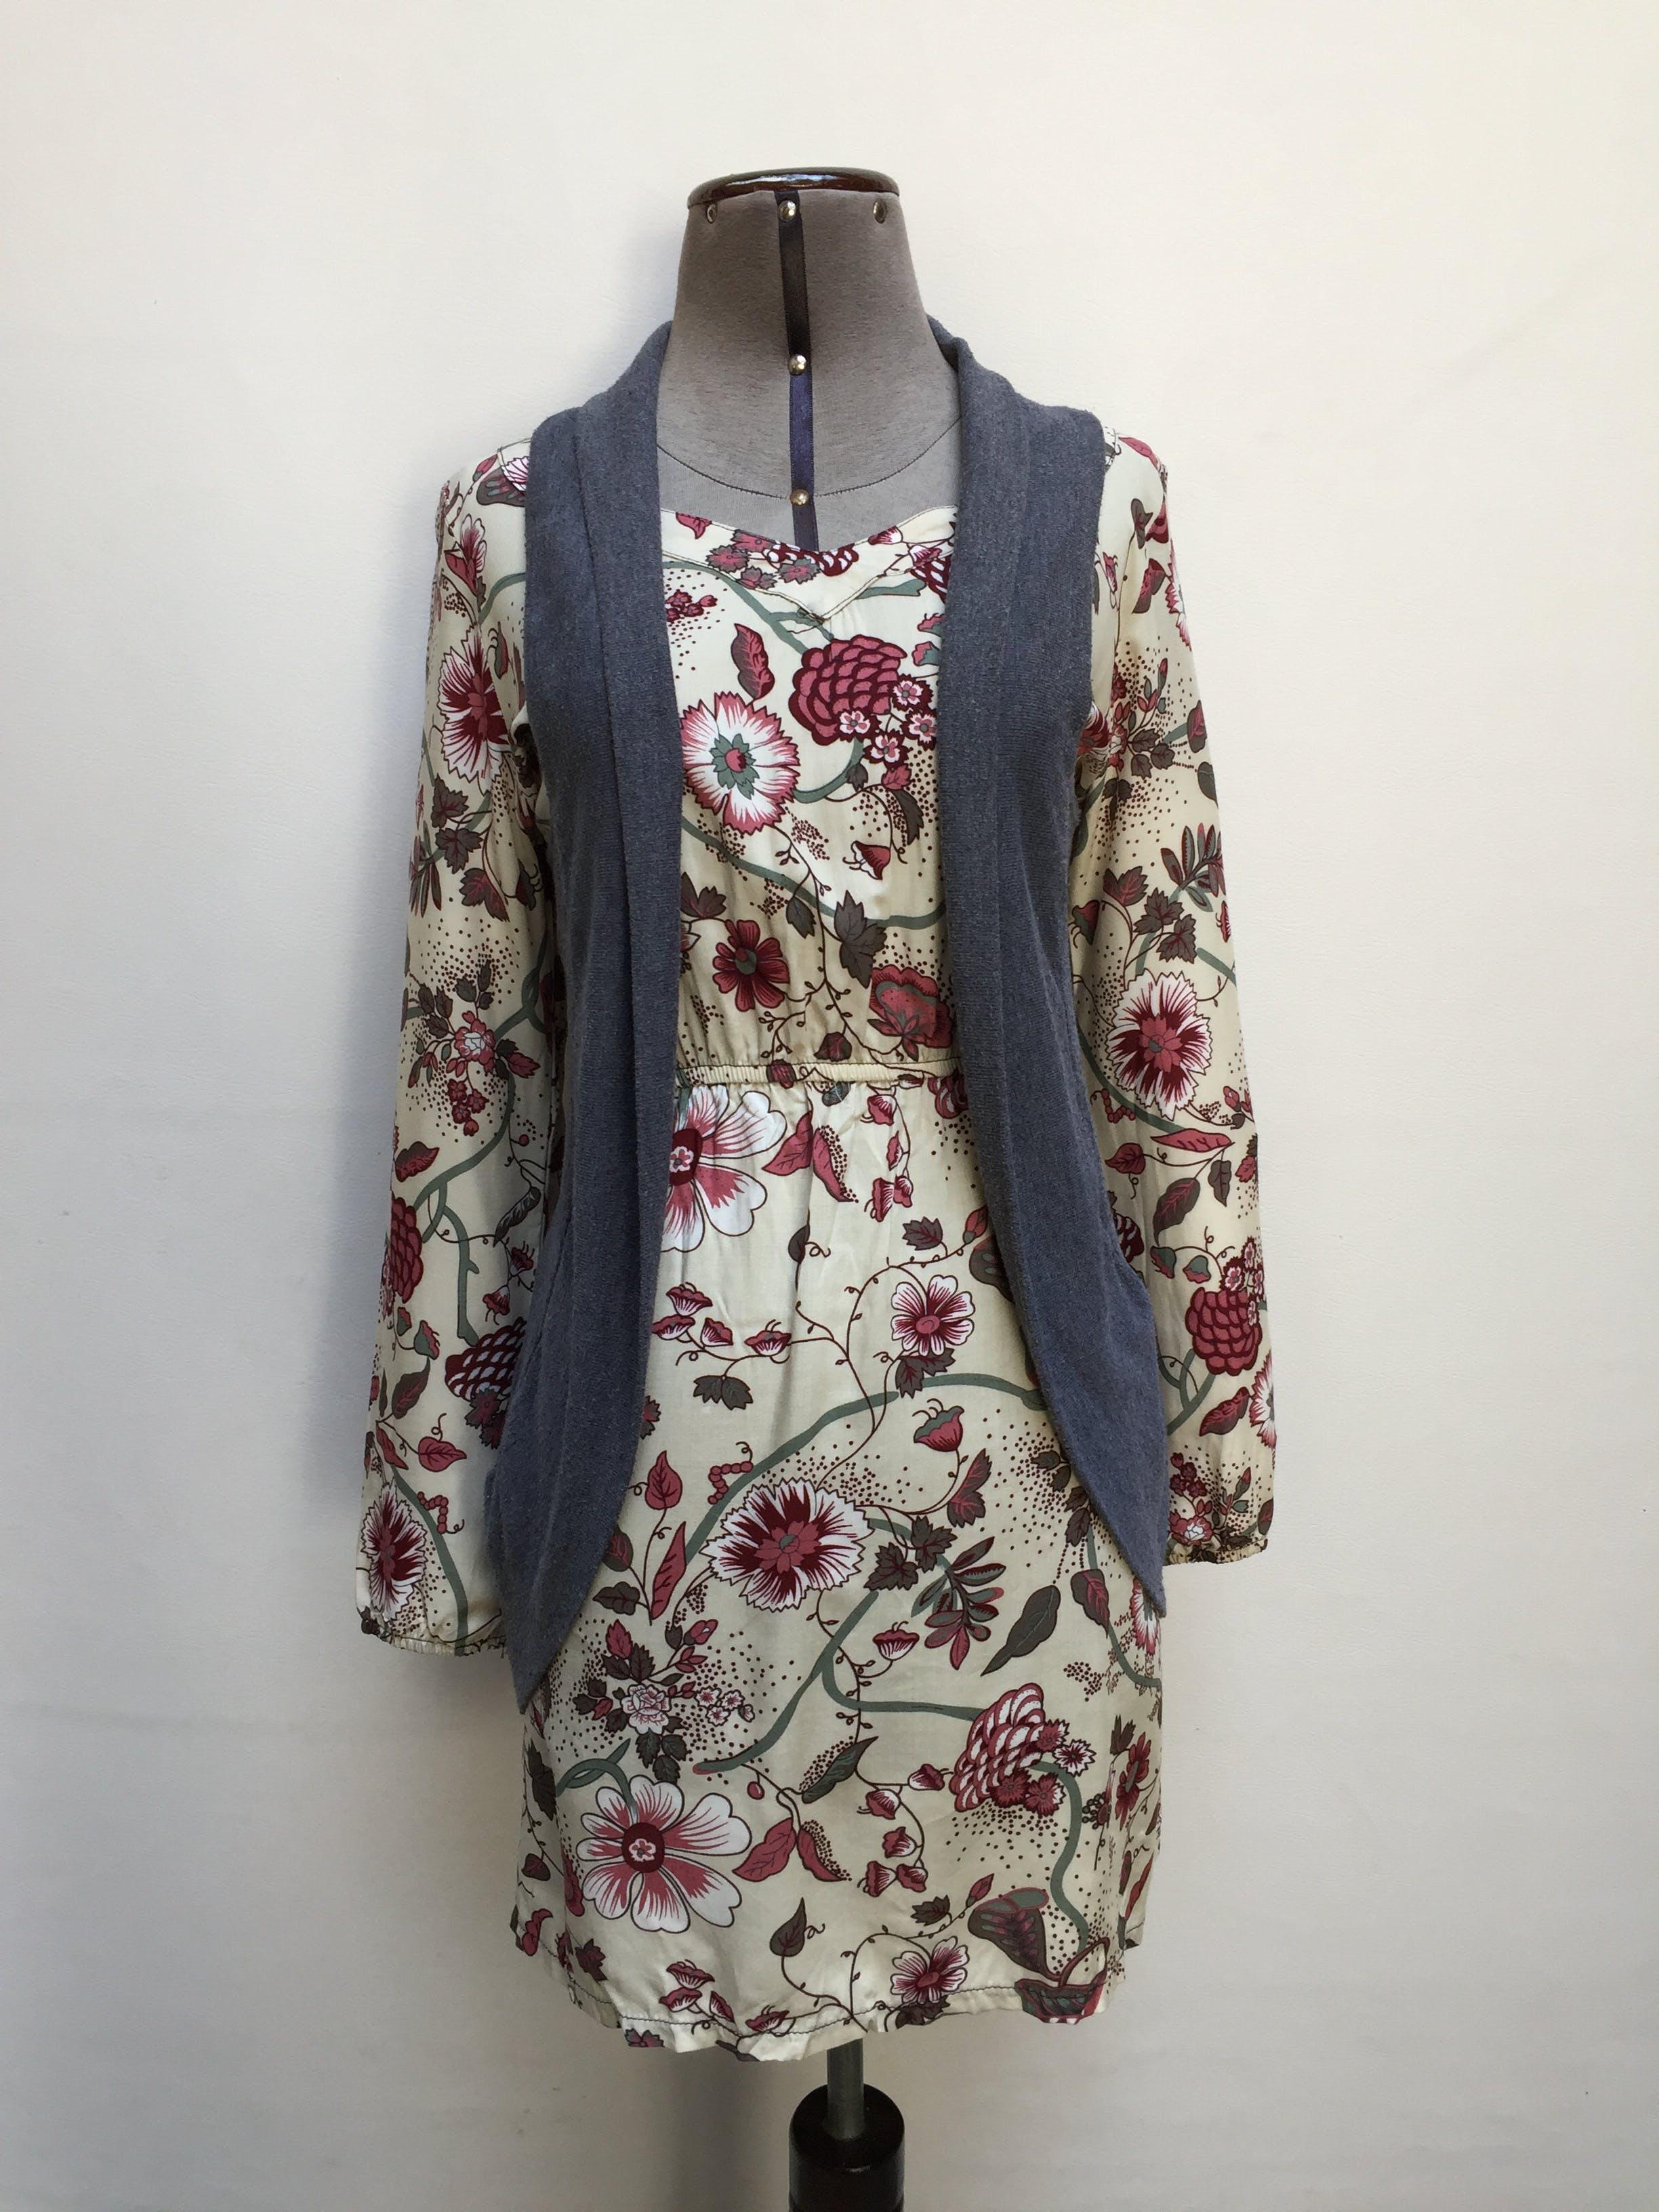 Vestido crema con estampado de flores rosadas y guindas, elástico en la cintura y puños, bolsillos laterales en la falda. Fresco! Talla S